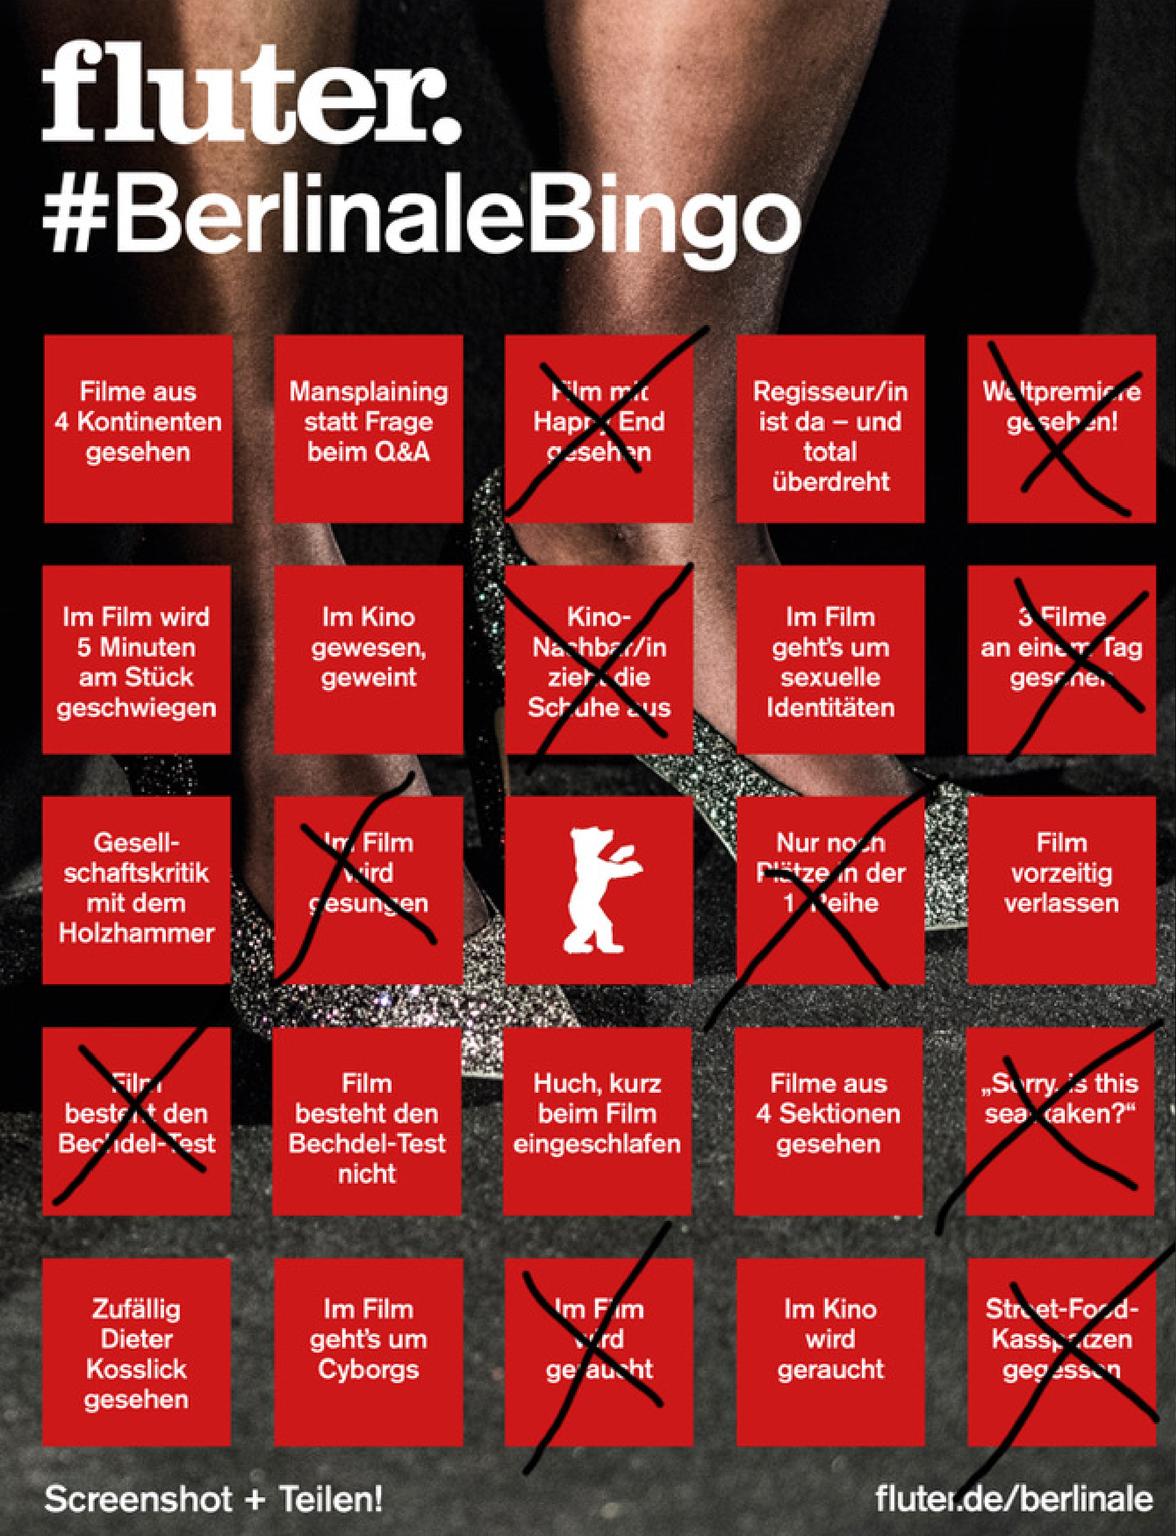 Berlinale-Bingo